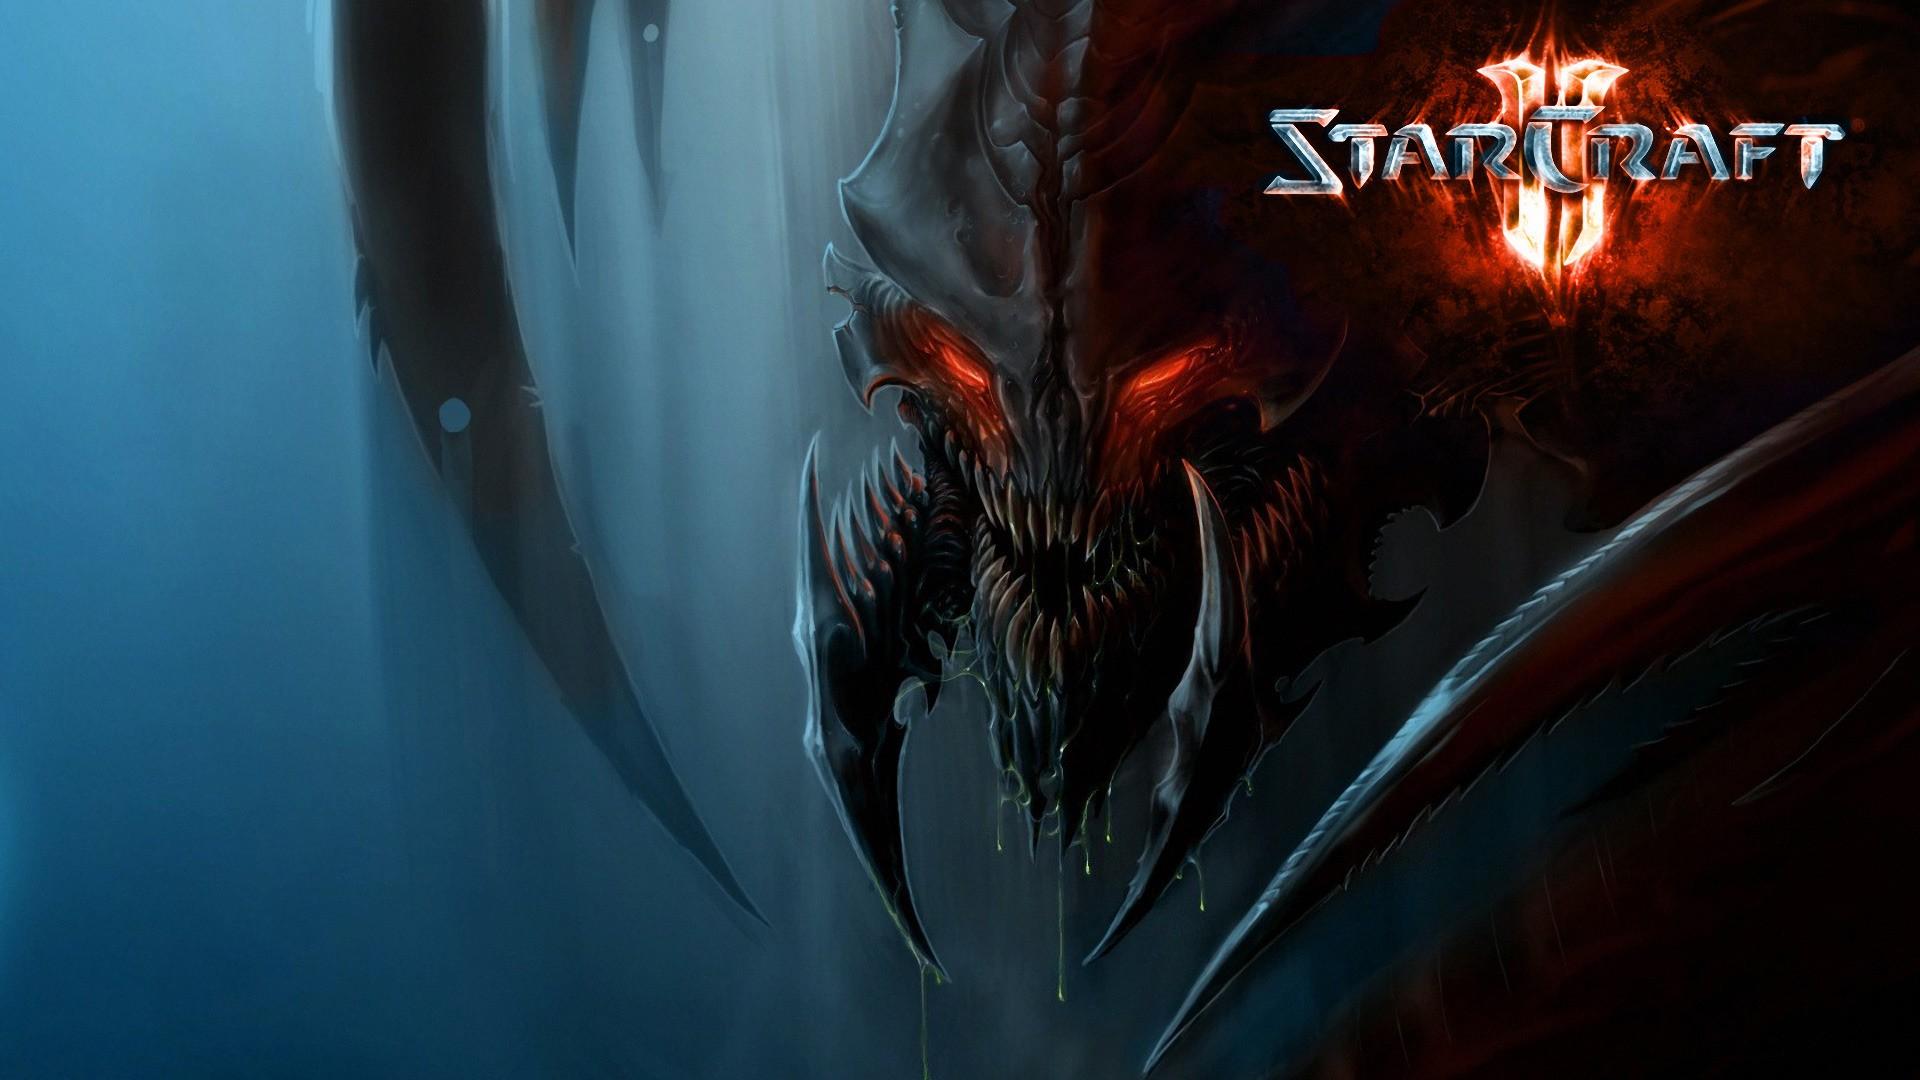 Blizzard: вBattle.net пользователи обнаружили копию StarCraft 2